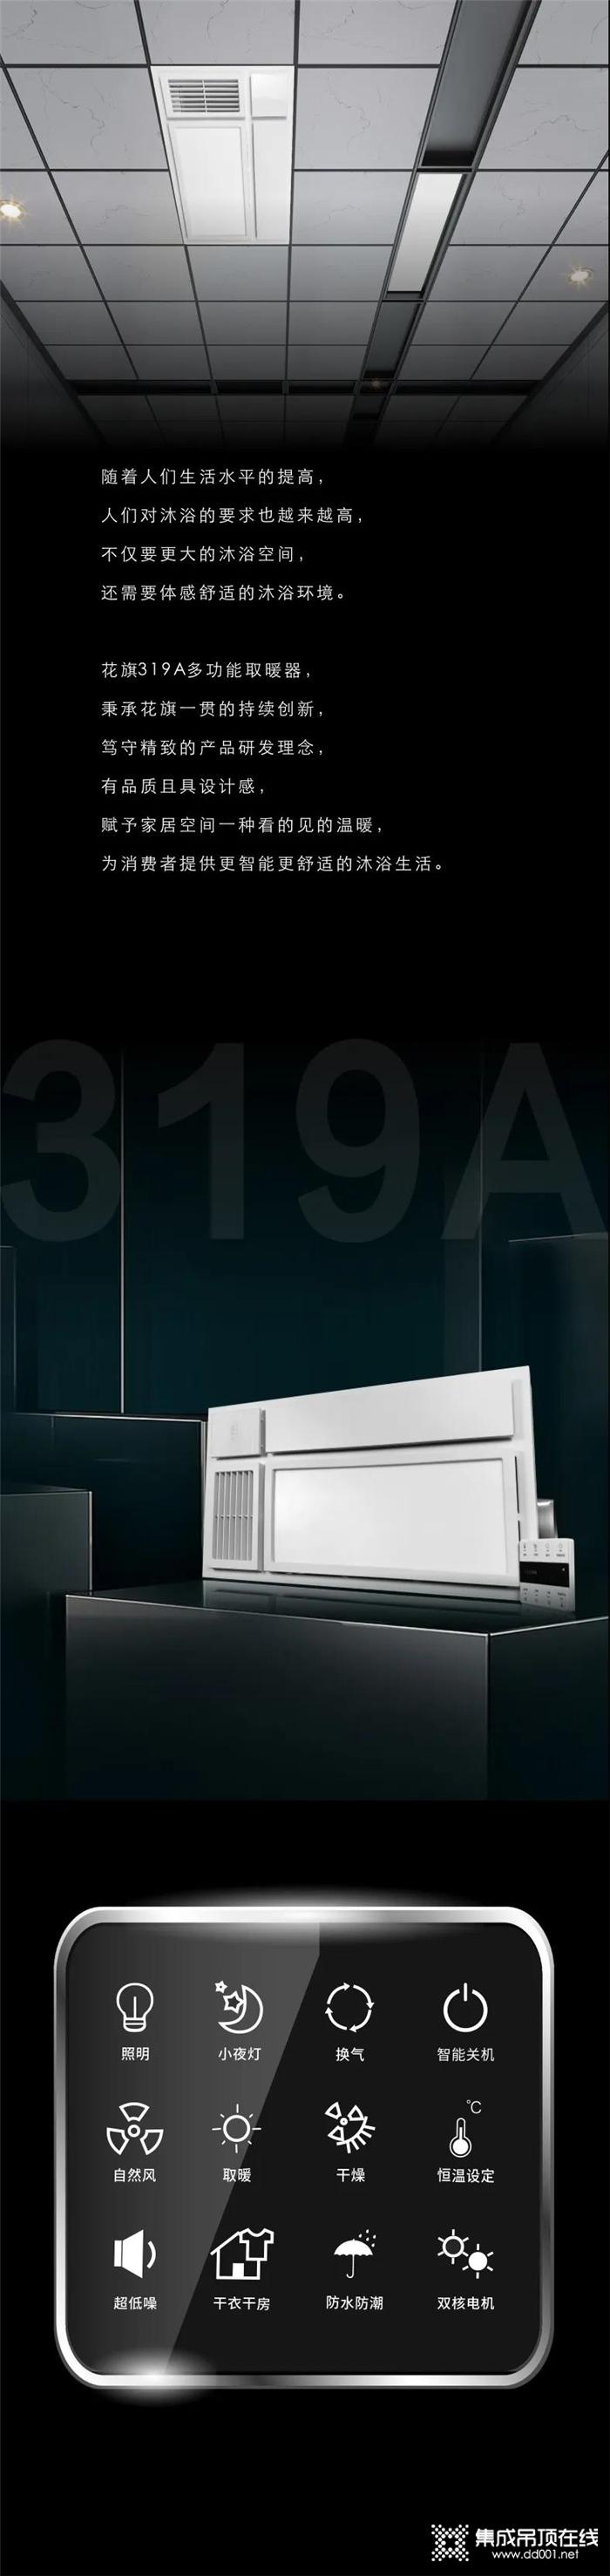 花旗浴室取暖器全新升级,为你提供更智能更舒适的沐浴生活